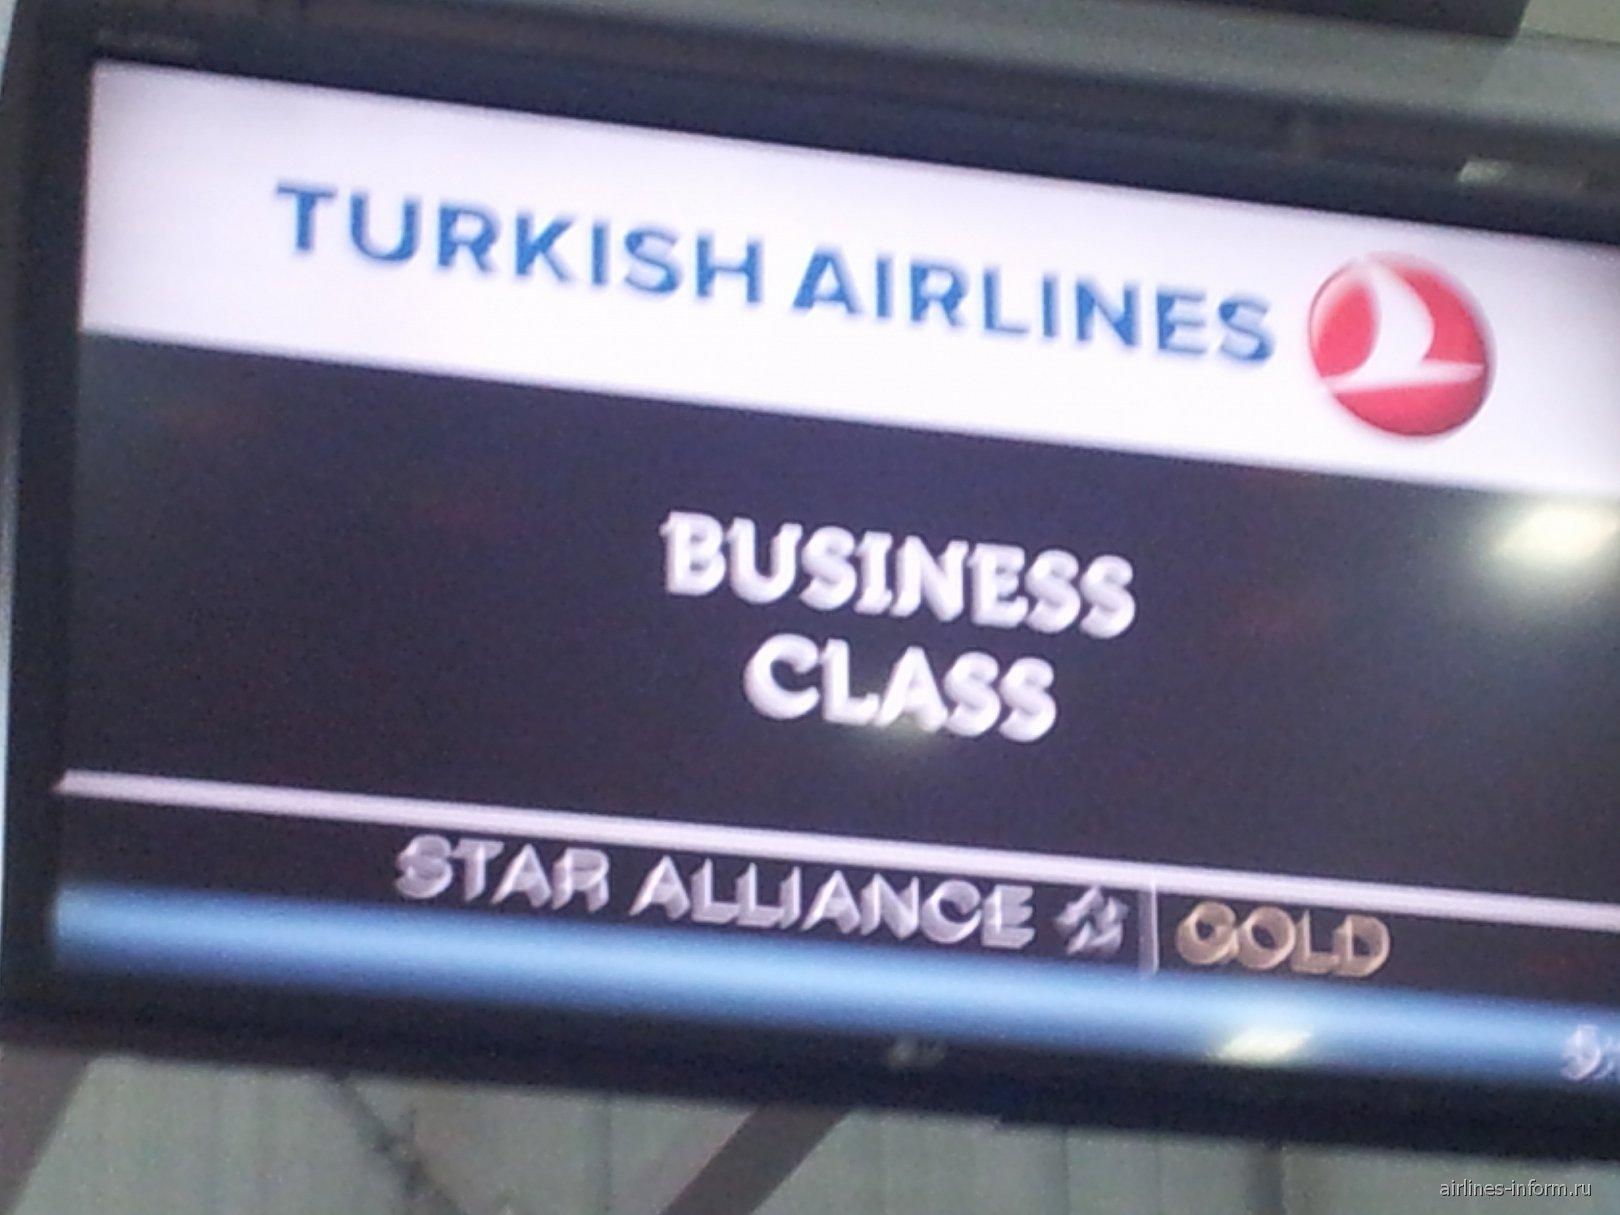 Посадка на рейс Турецких авиалиний